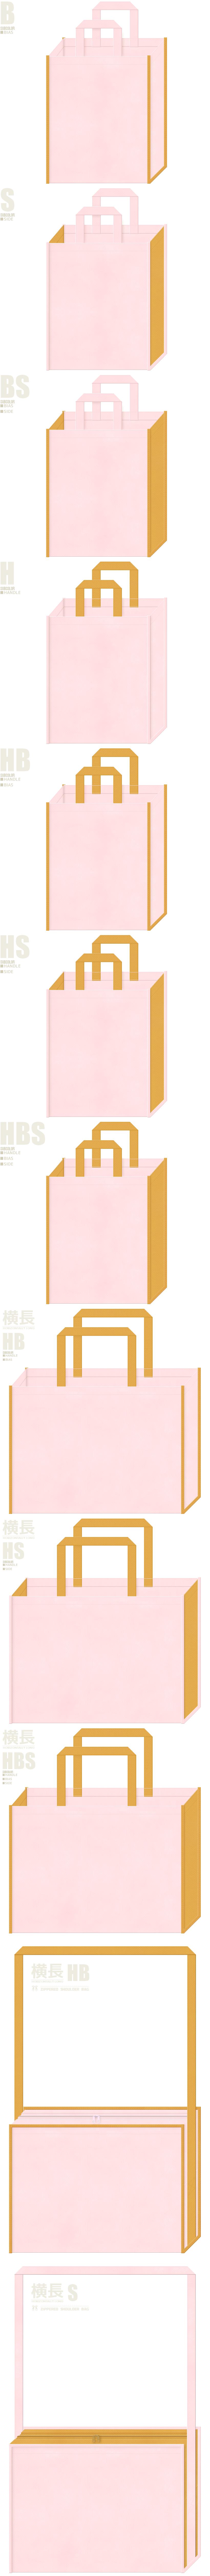 ペットショップ・ペットサロン・ペット用品・ペットフード・アニマルケア・絵本・おとぎ話・キャンディー・ワンダーランド・テーマパーク・プリンセス・ガーリーデザインにお奨めの不織布バッグデザイン:桜色と黄土色の配色7パターン。